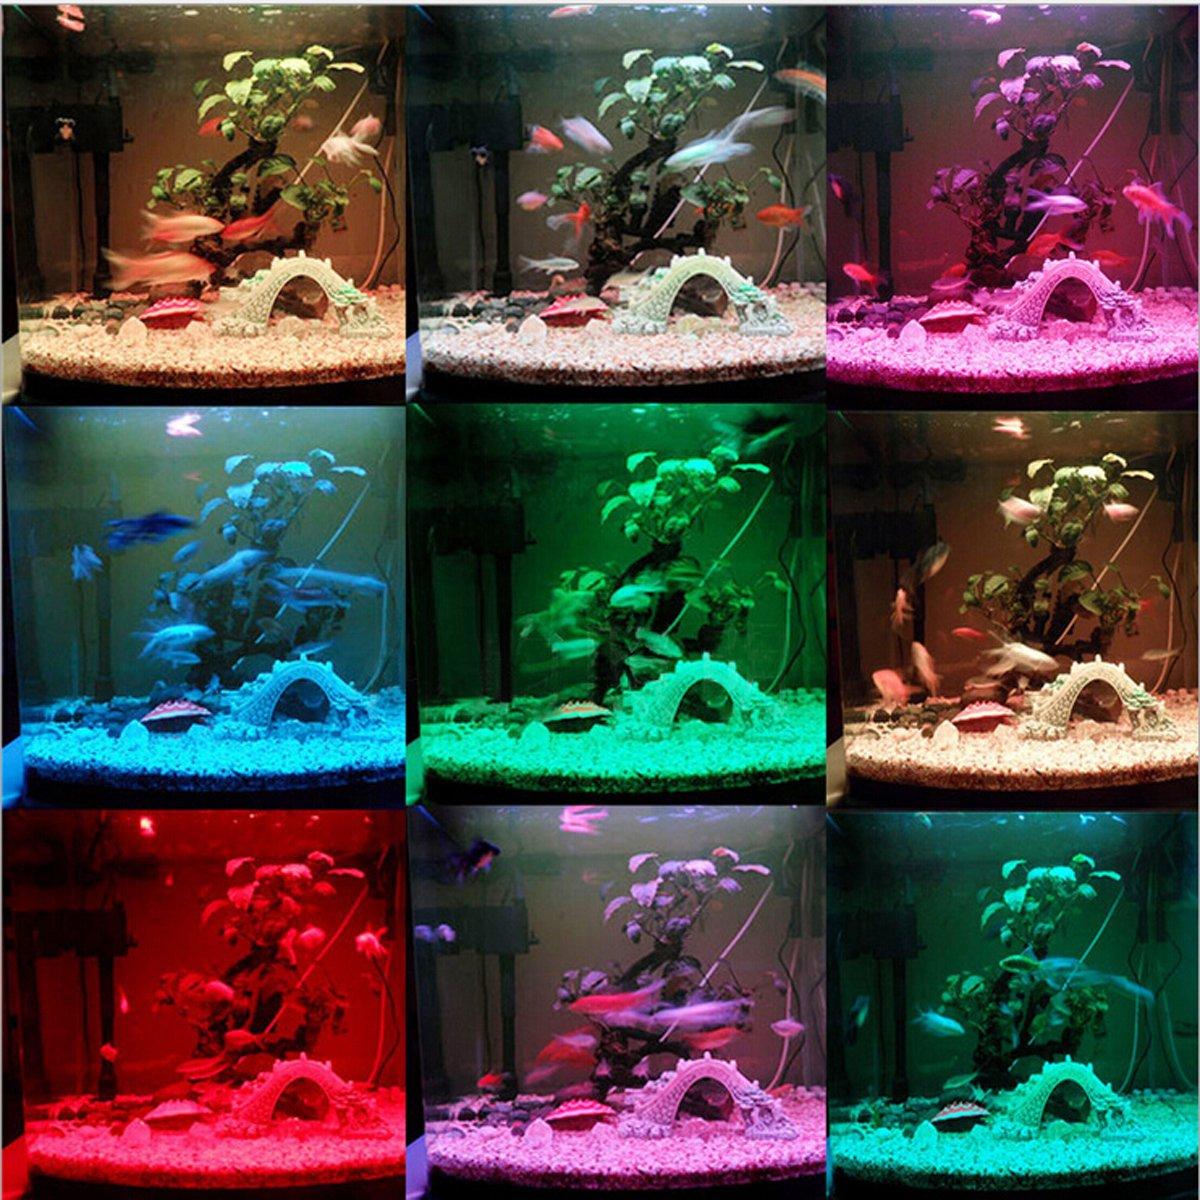 GreenSun Luz LED Acuario 5050 SMD RGB, Pantalla LED Acuario, Iluminación LED para Acuarios Plantados Lámpara LED para Peceras 27-36 cm, 8W, 36LEDs con 24 ...